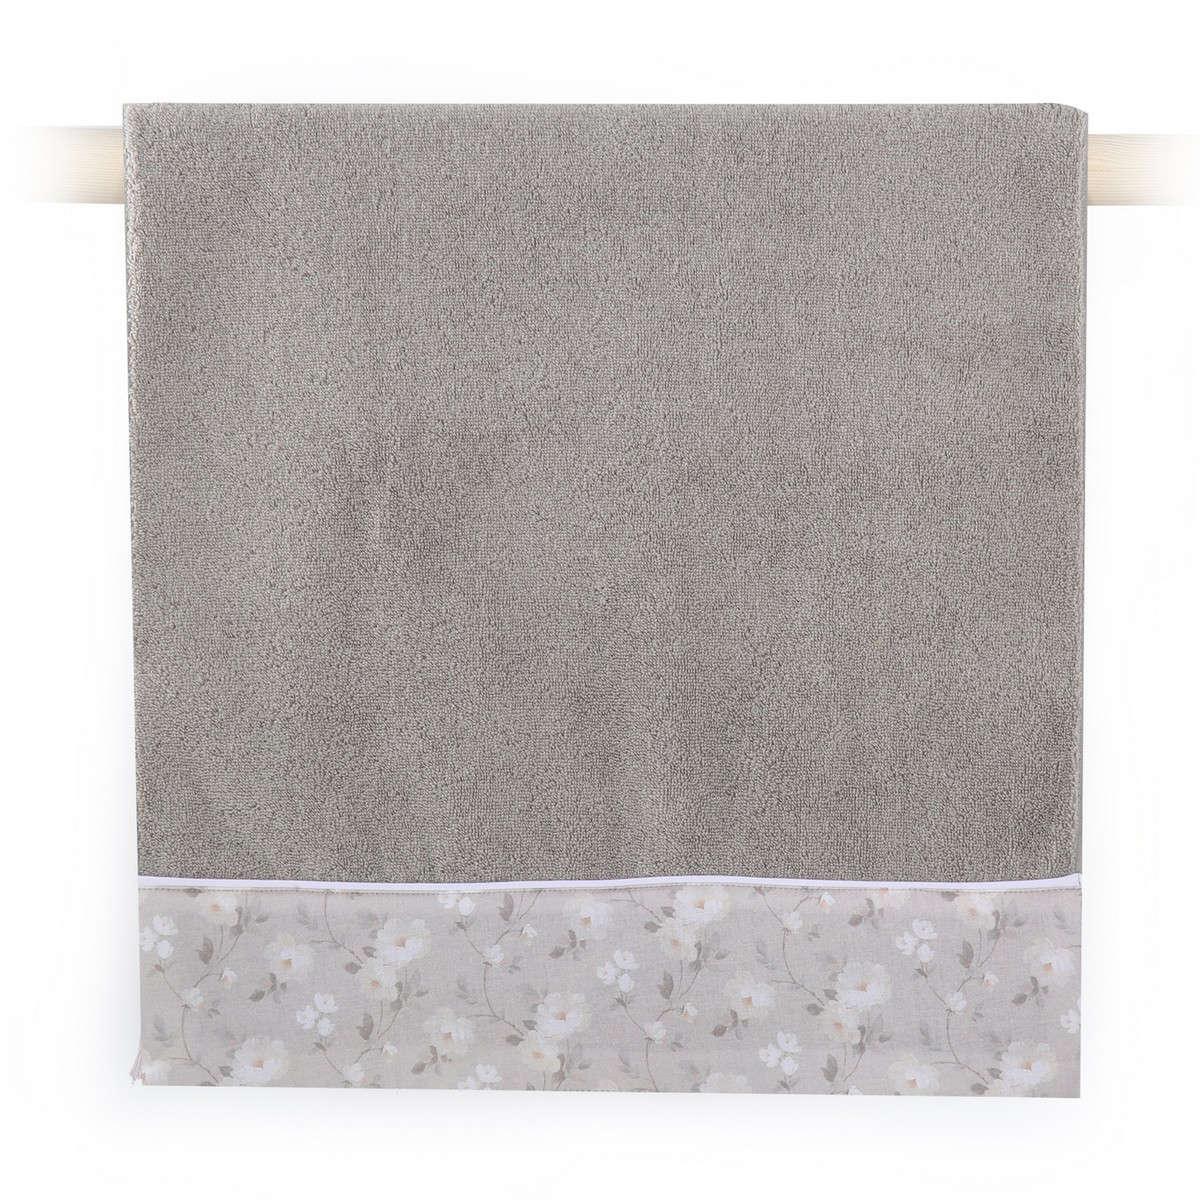 Πετσέτα Lekanto Grey Nef-Nef Σώματος 70x140cm